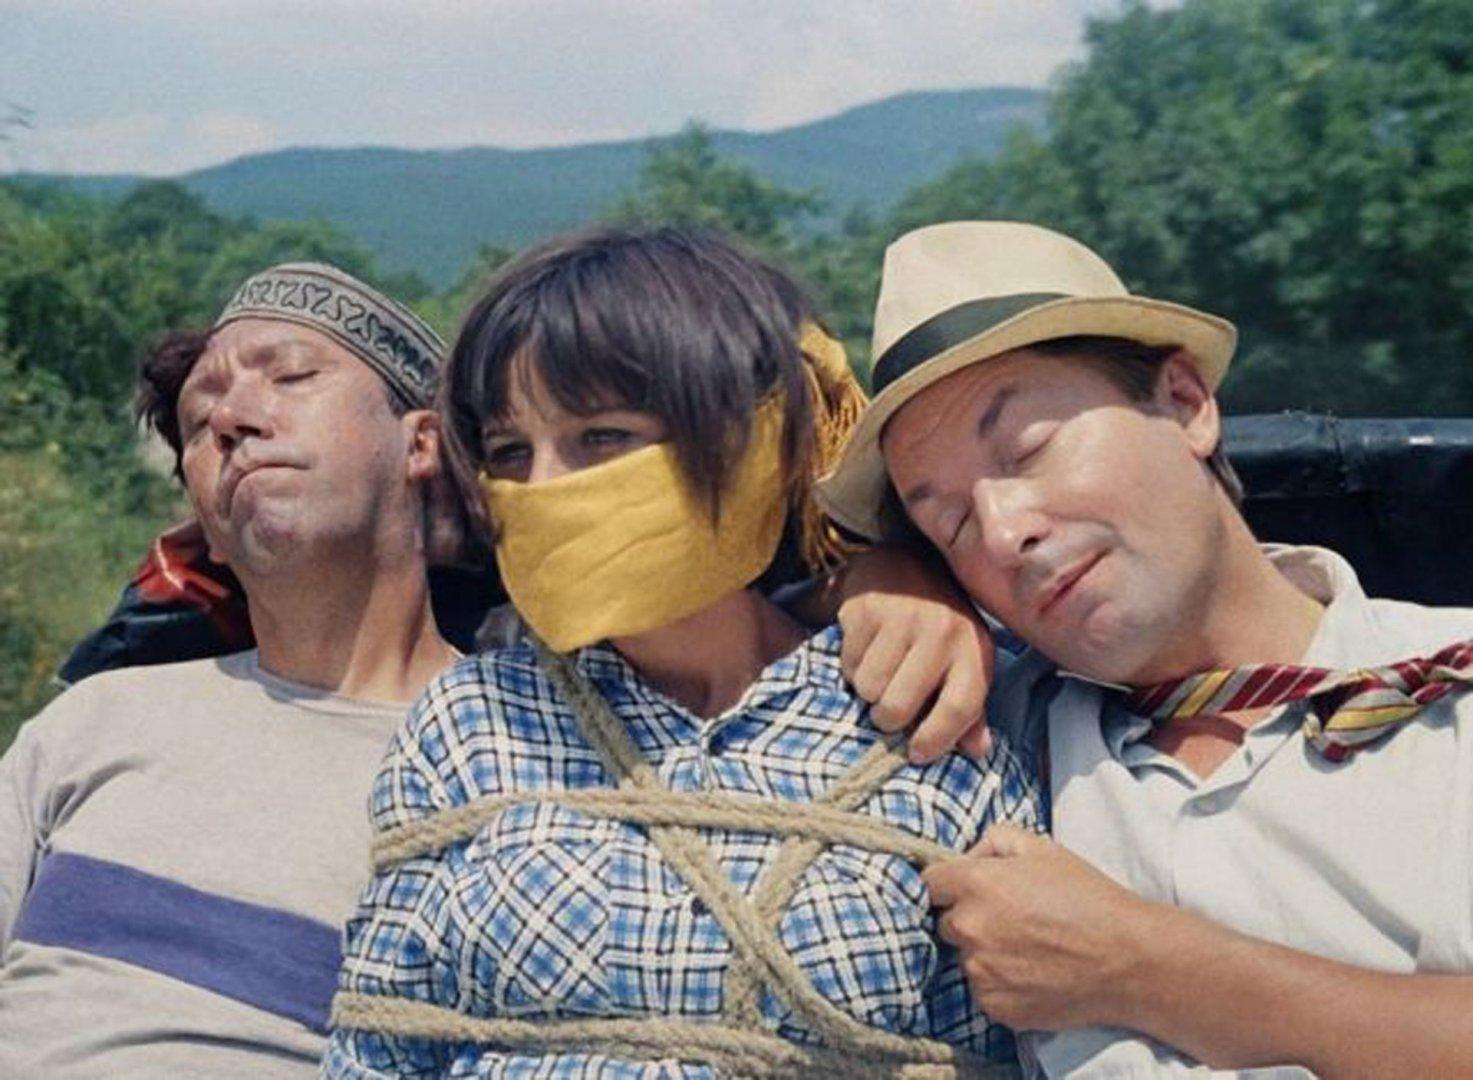 Кадър от филма Кавказка пленница, който ще бъде показан на 13-ти август